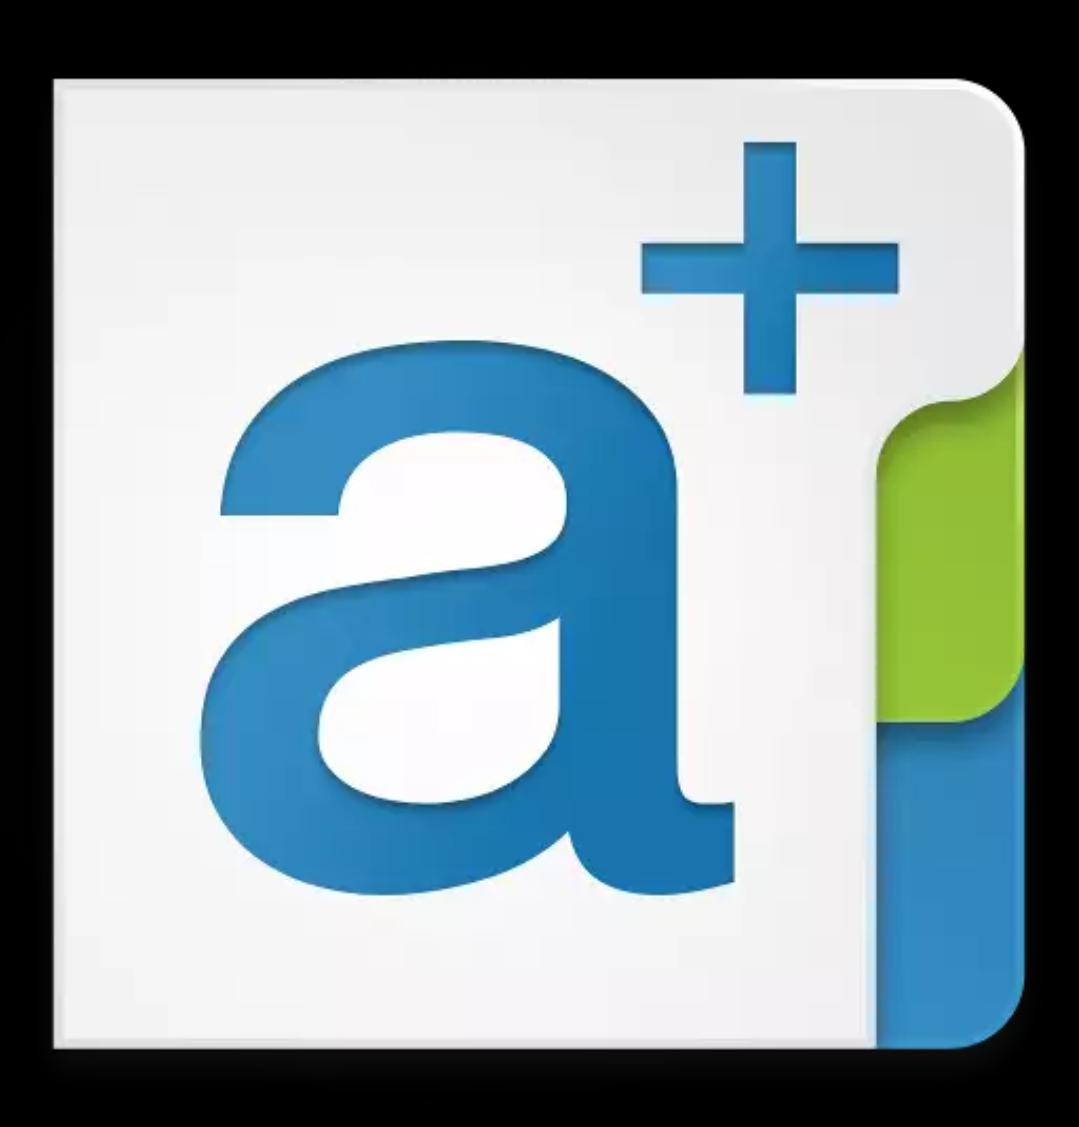 [Android] aCalendar+ Kalender & Tasks für 1,99€ statt 3,99€ (50% Rabatt)